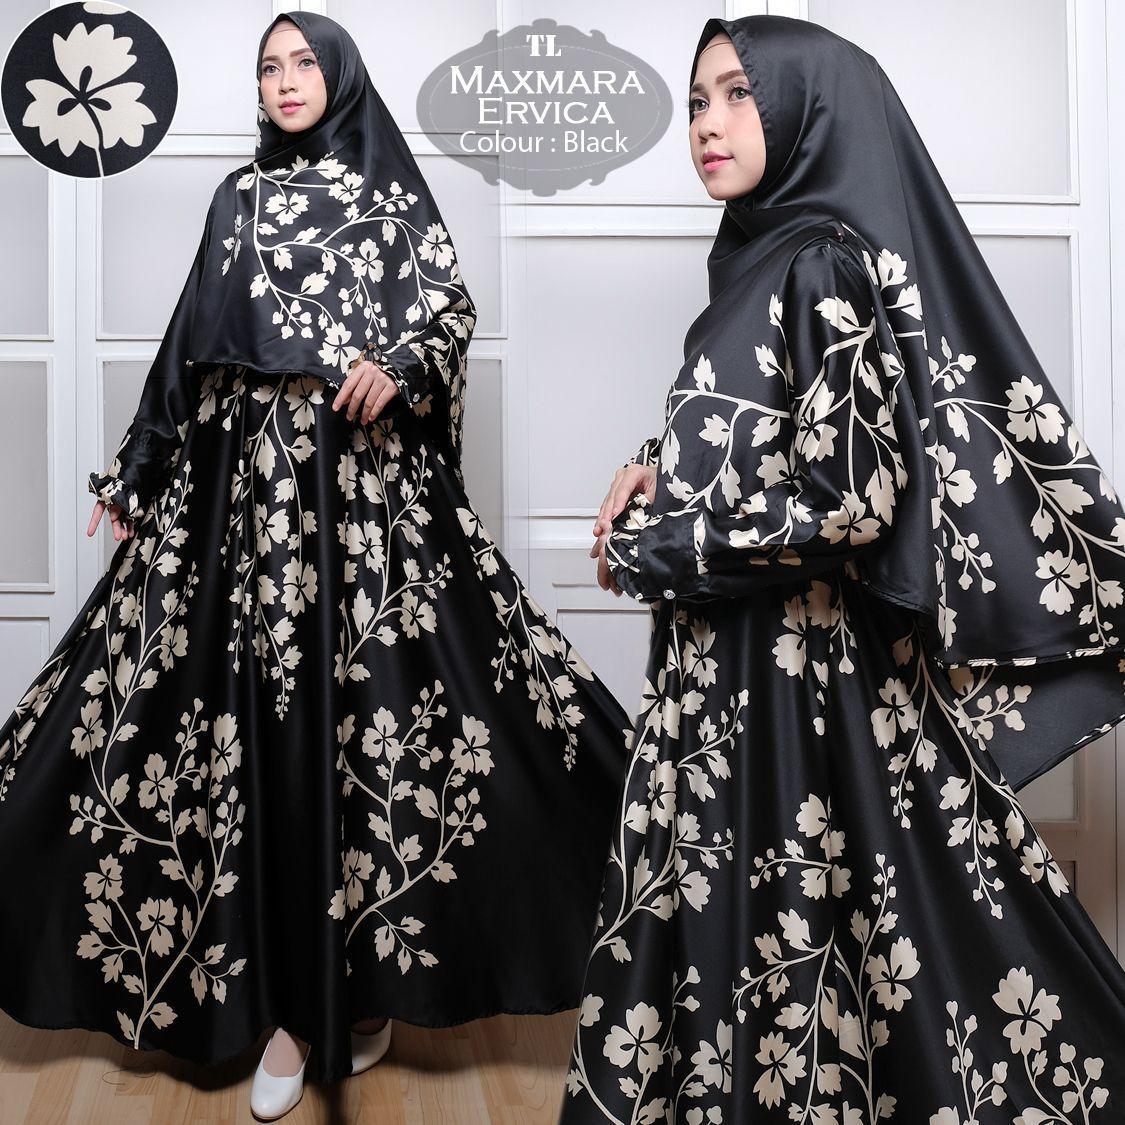 Baju muslim wanita baju gamis syari gamis jumpsuit gamis jumbo wanita ld 120 cm pj 140 cm gamis remaja dan ibu ibu